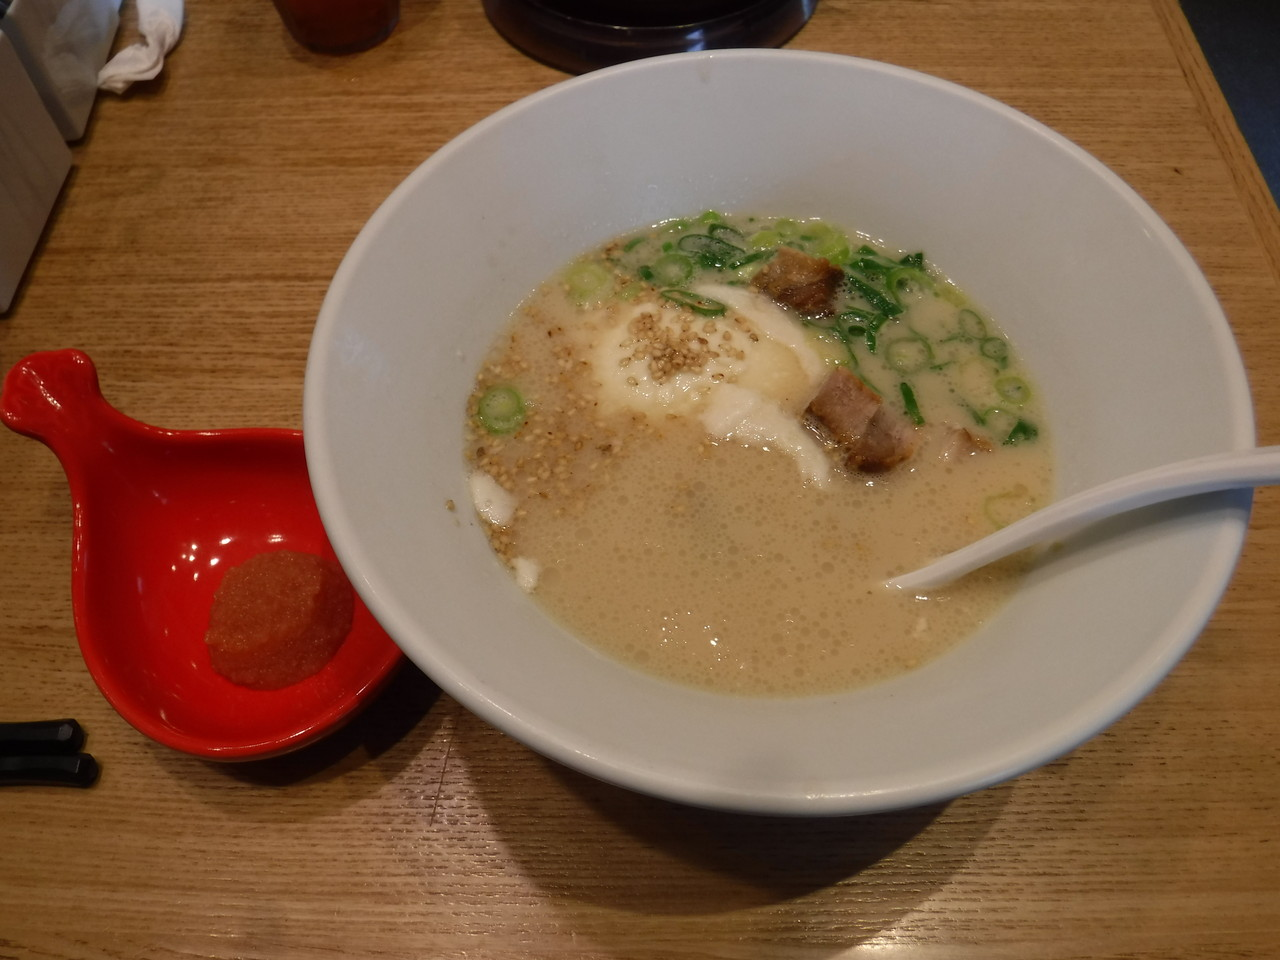 飯田橋 - 一風堂 飯田橋サクラテラス店 「白丸とんこつ豆腐」